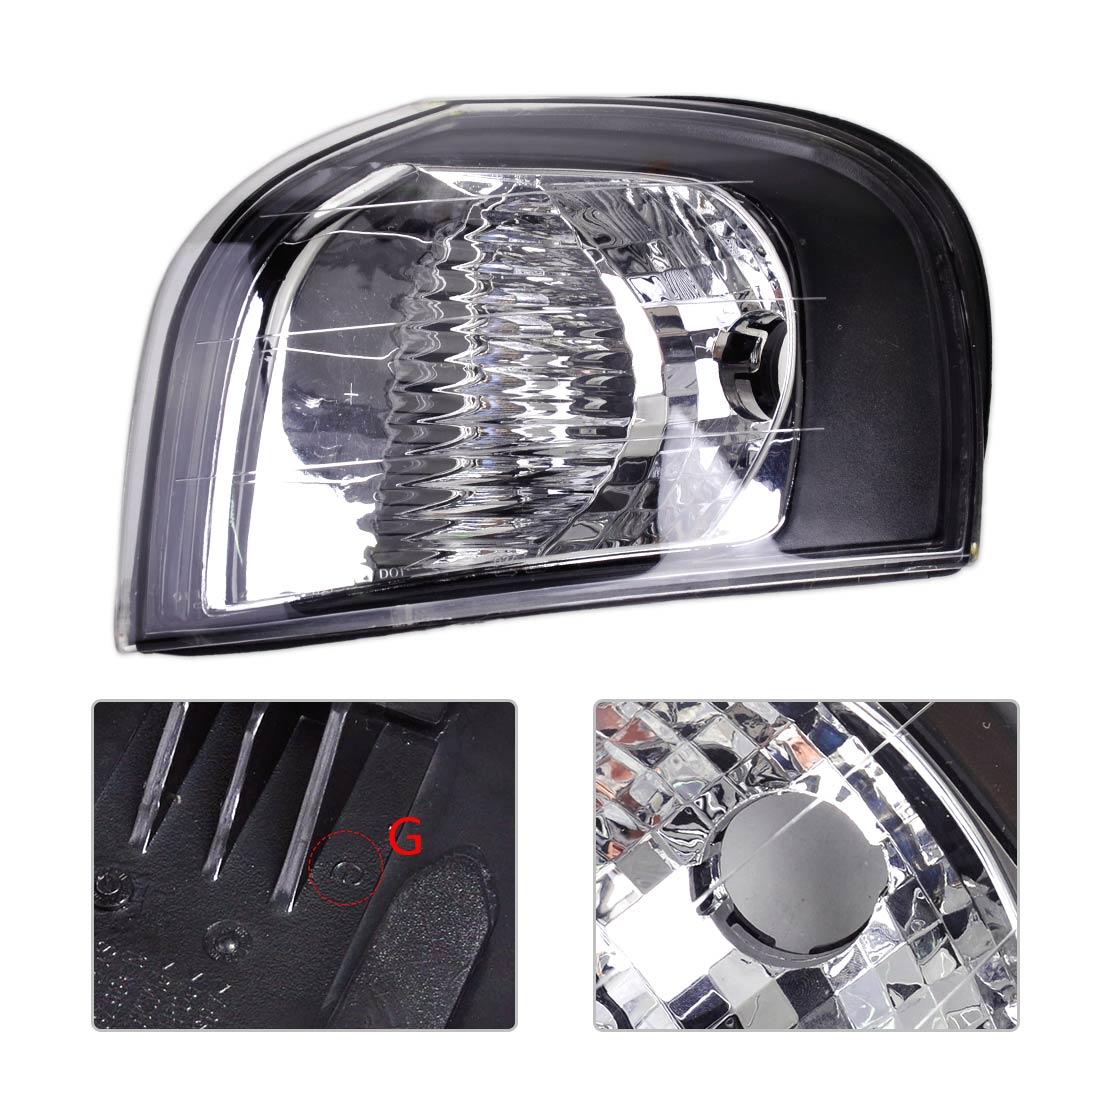 DWCX автомобиль черный пластик левый указатель поворота угол света лампы 30655422 подходят для Вольво S80 1999 2000 2001 2002 2003 2004 2005 2006